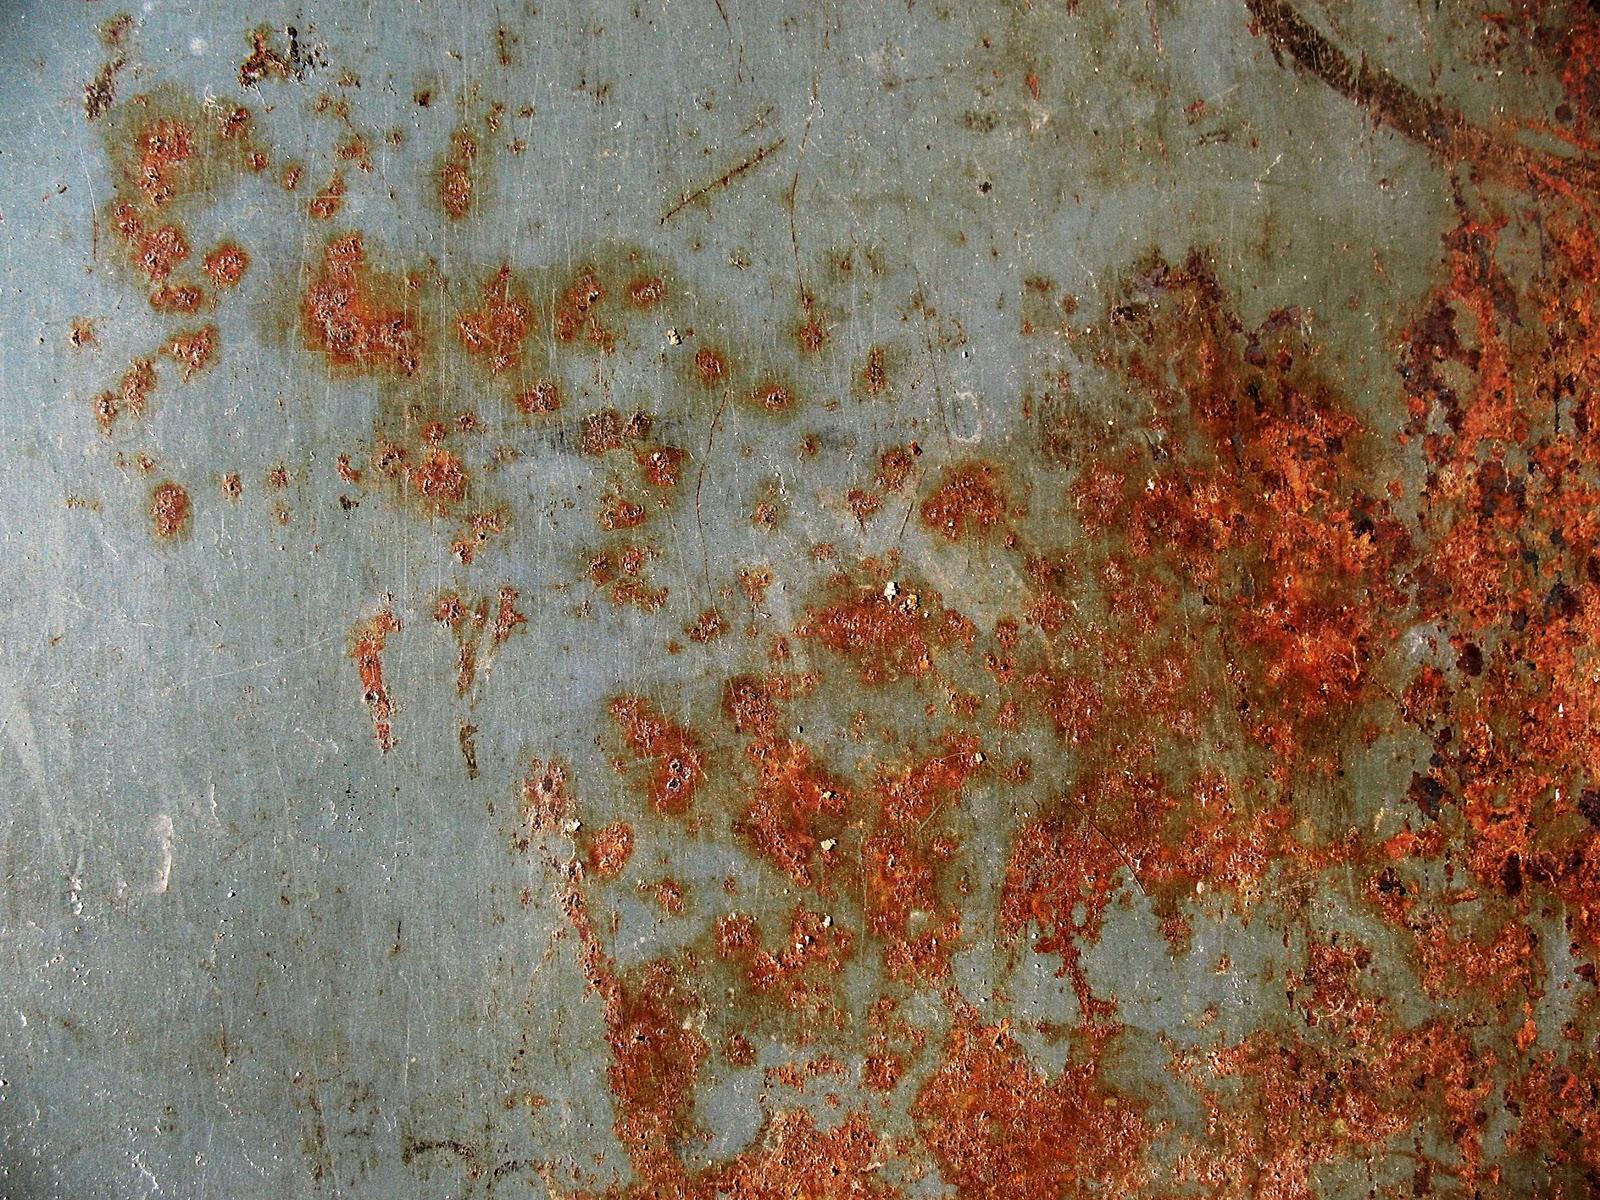 Free rust texture download: www.texturedownload.com/2011/01/free-rust-texture-download.html